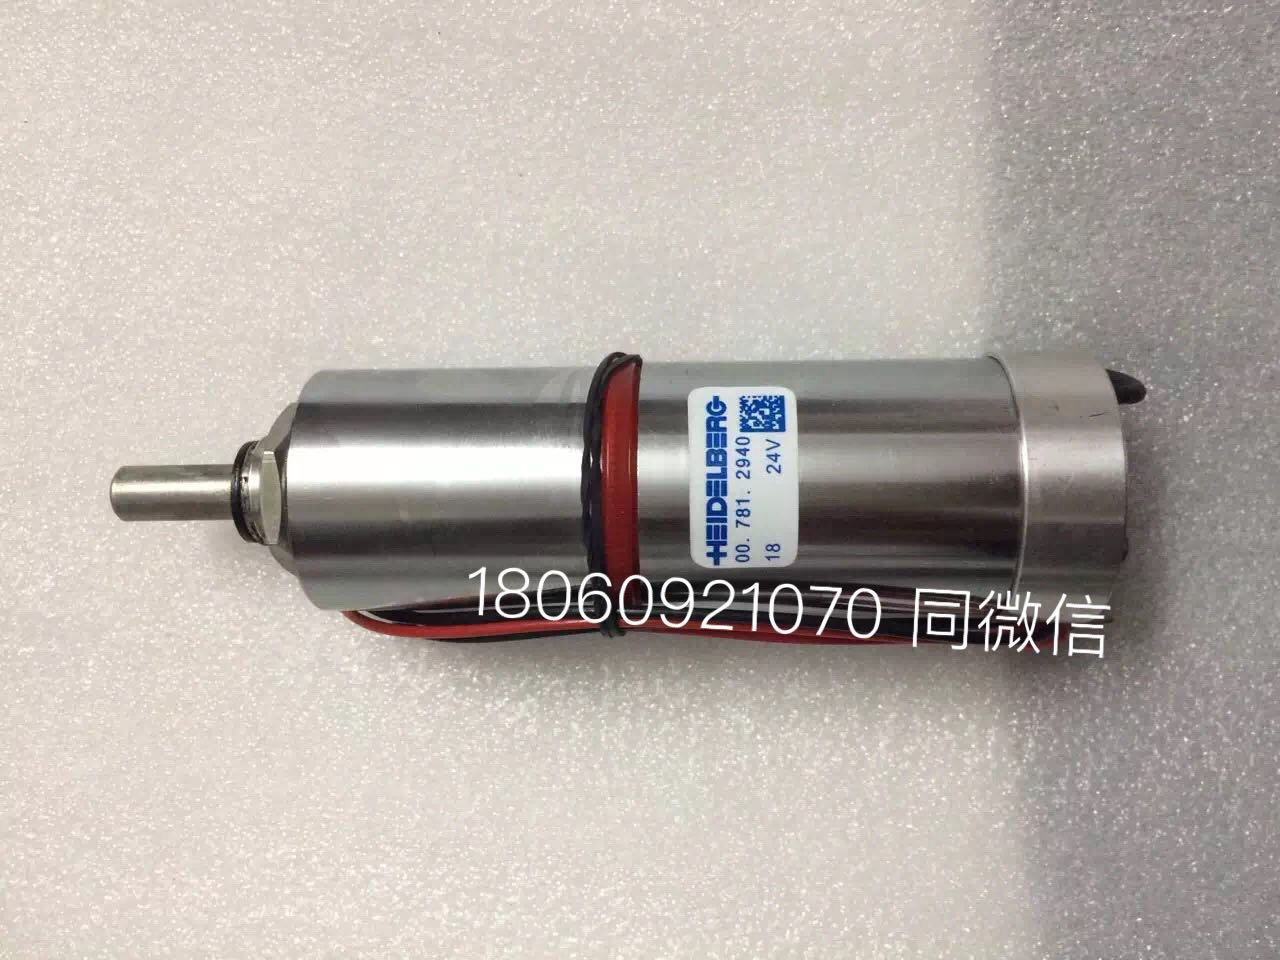 00.781.2940 printing machine motor heidelberg 24V